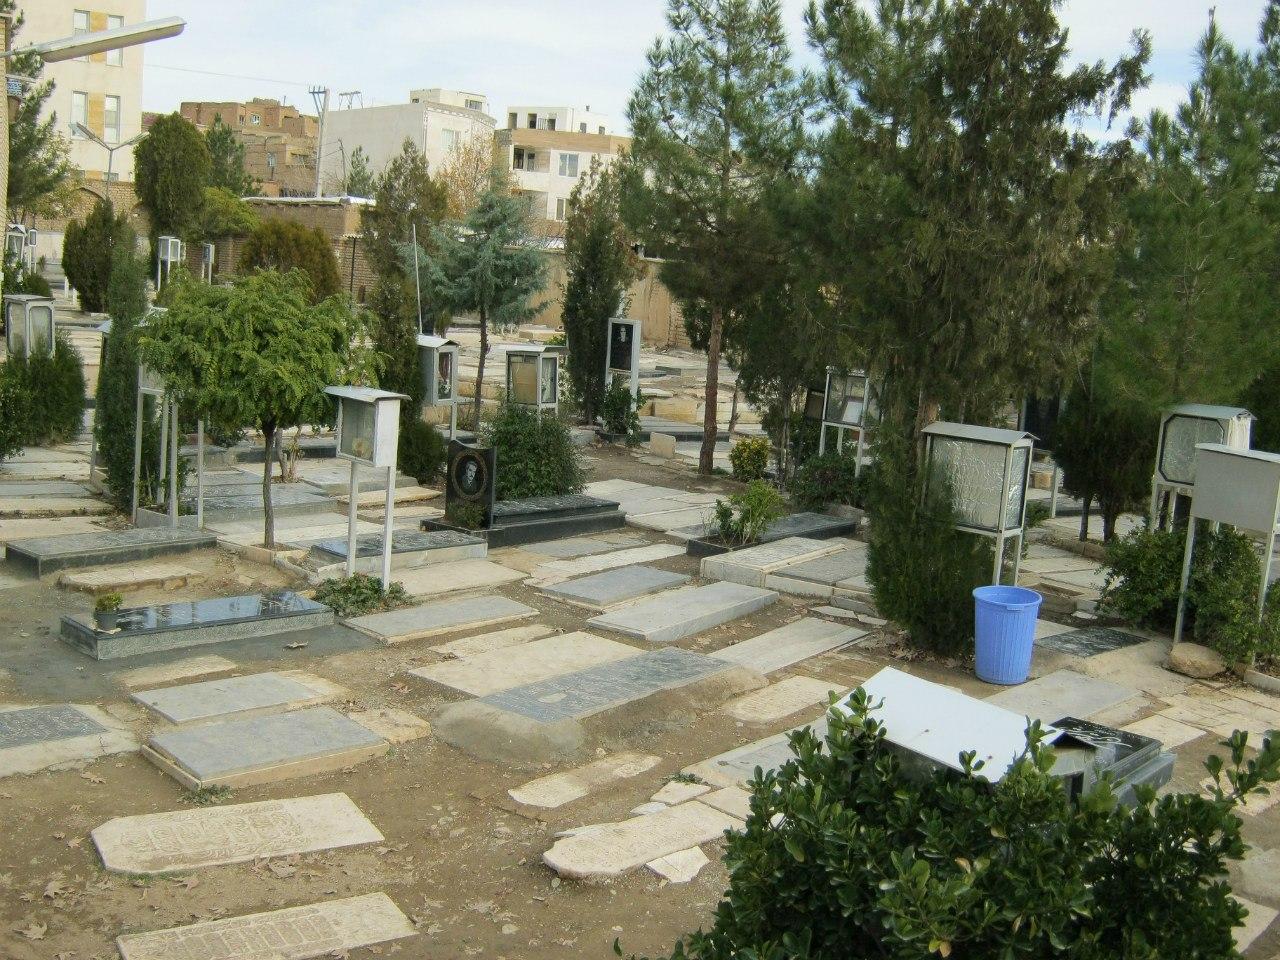 Кладбище в Арак- ящики с именами и фотографиями умерших